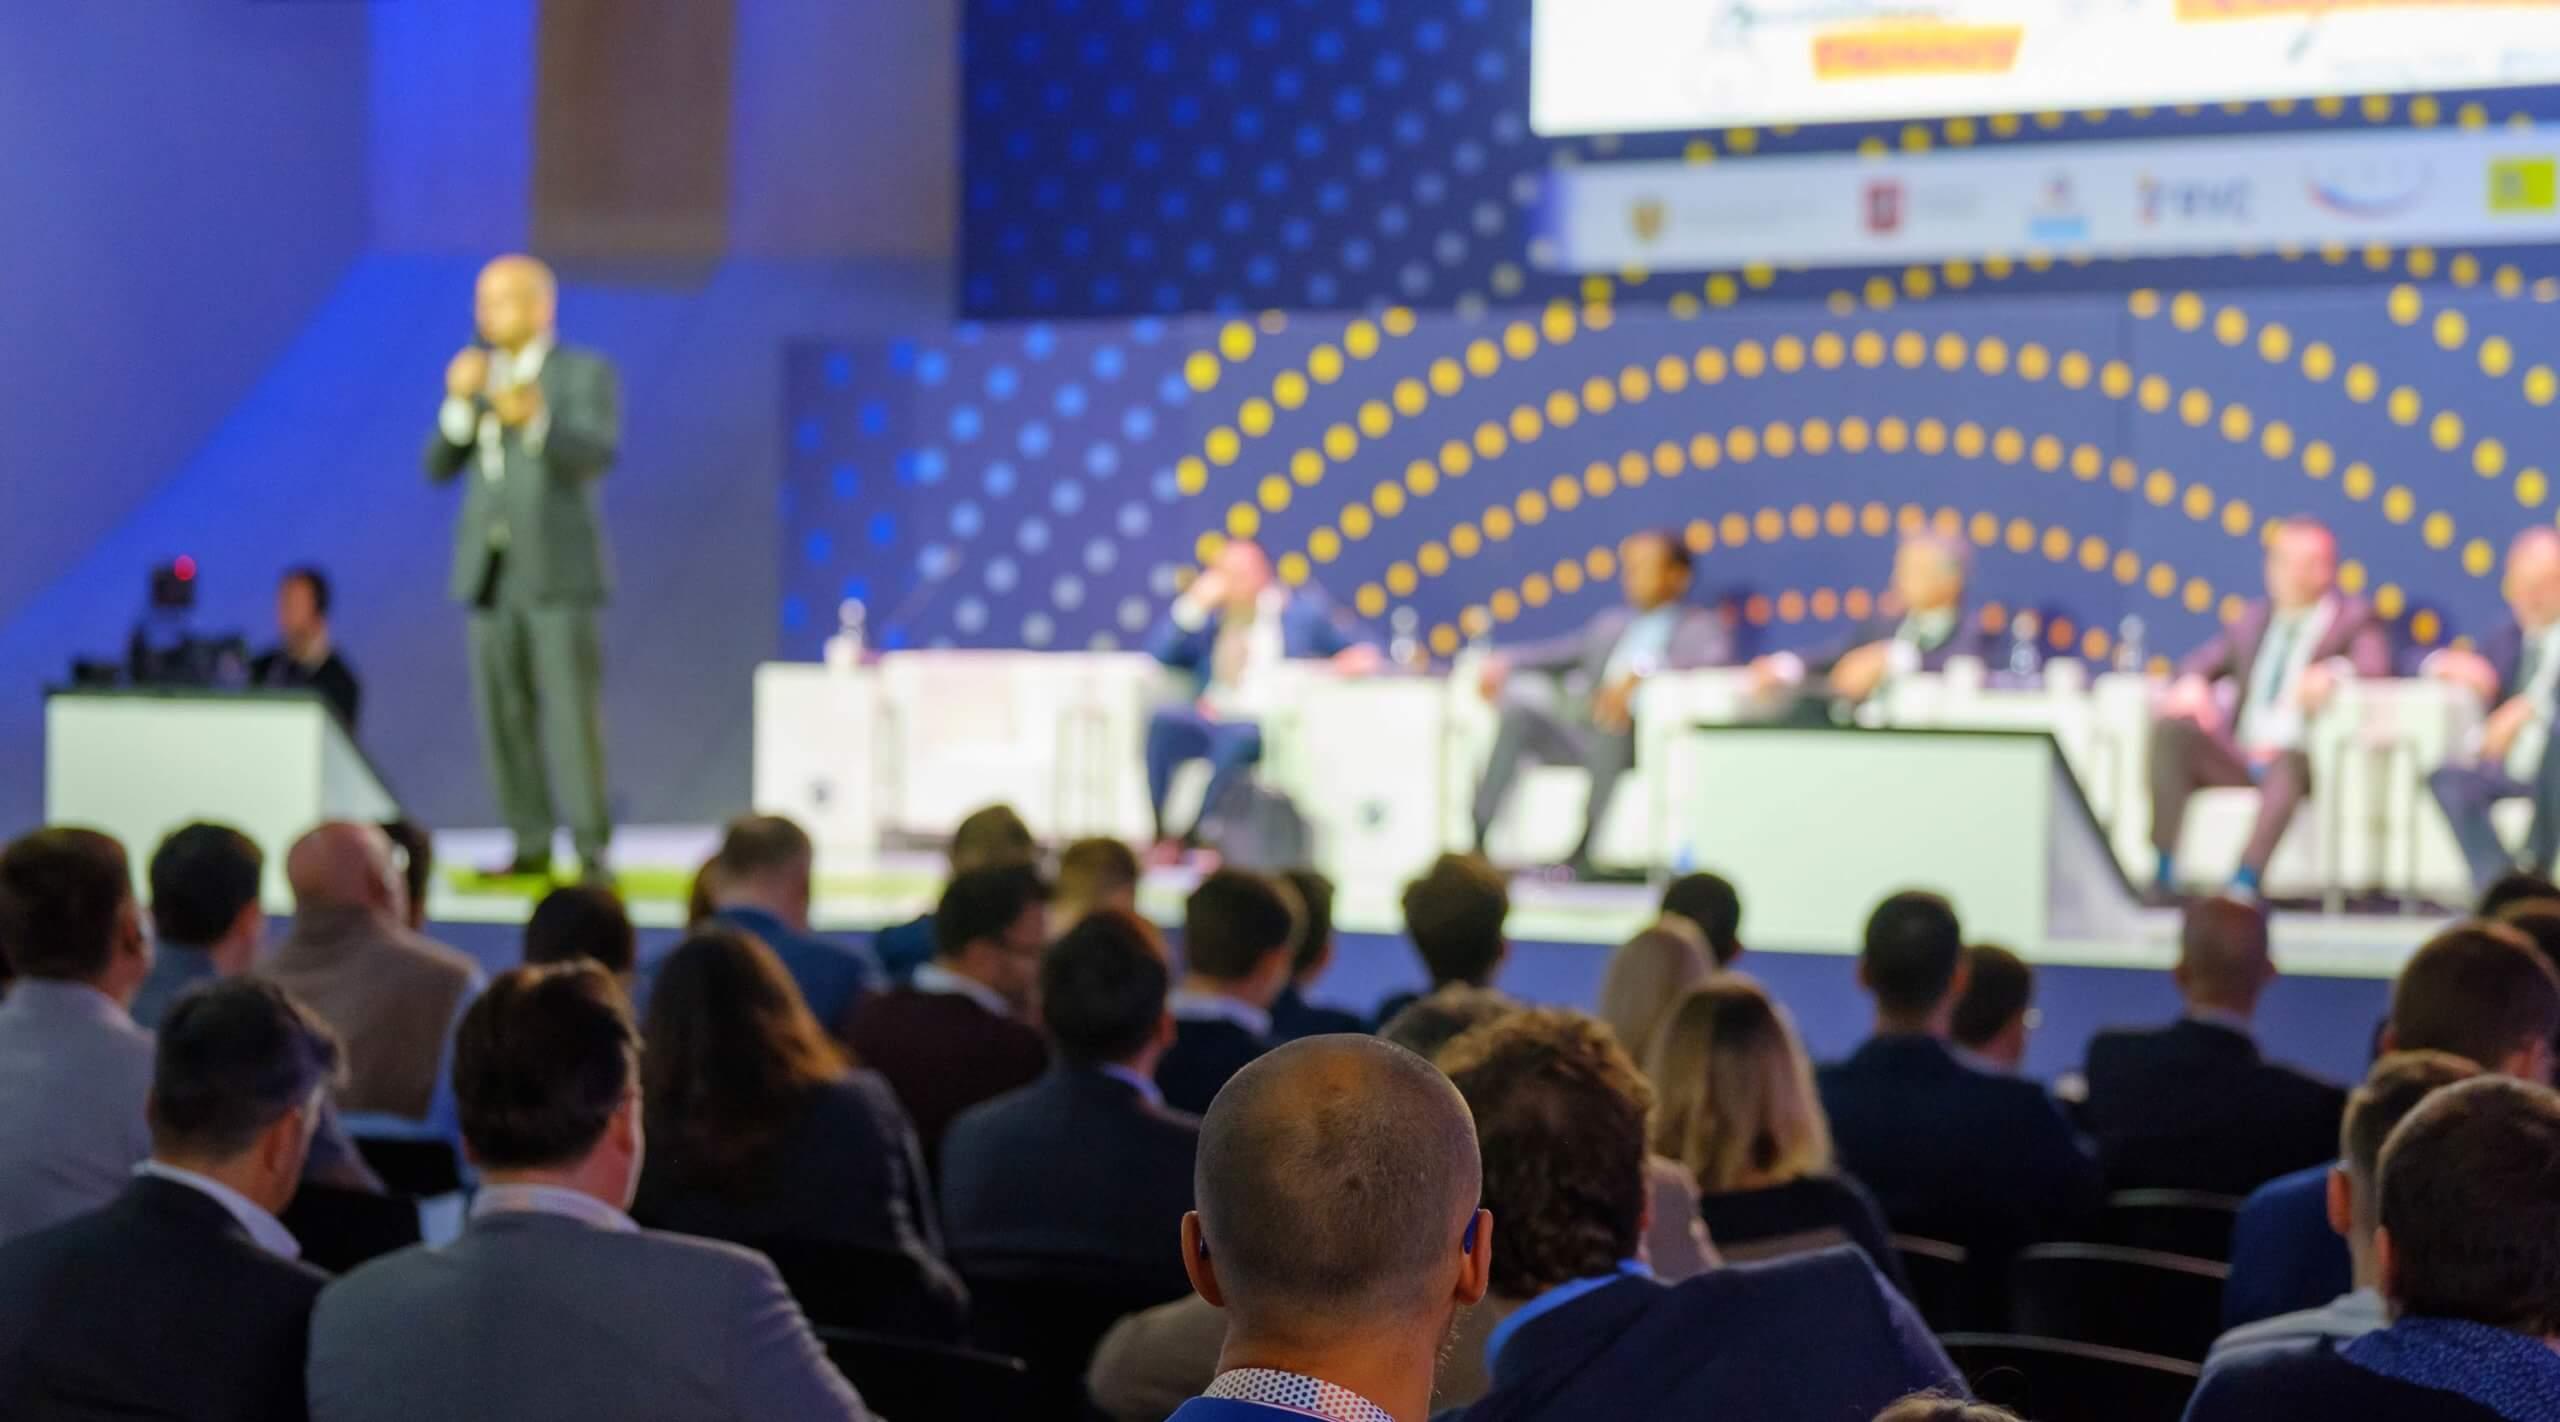 Bühne mit mehreren Speakern